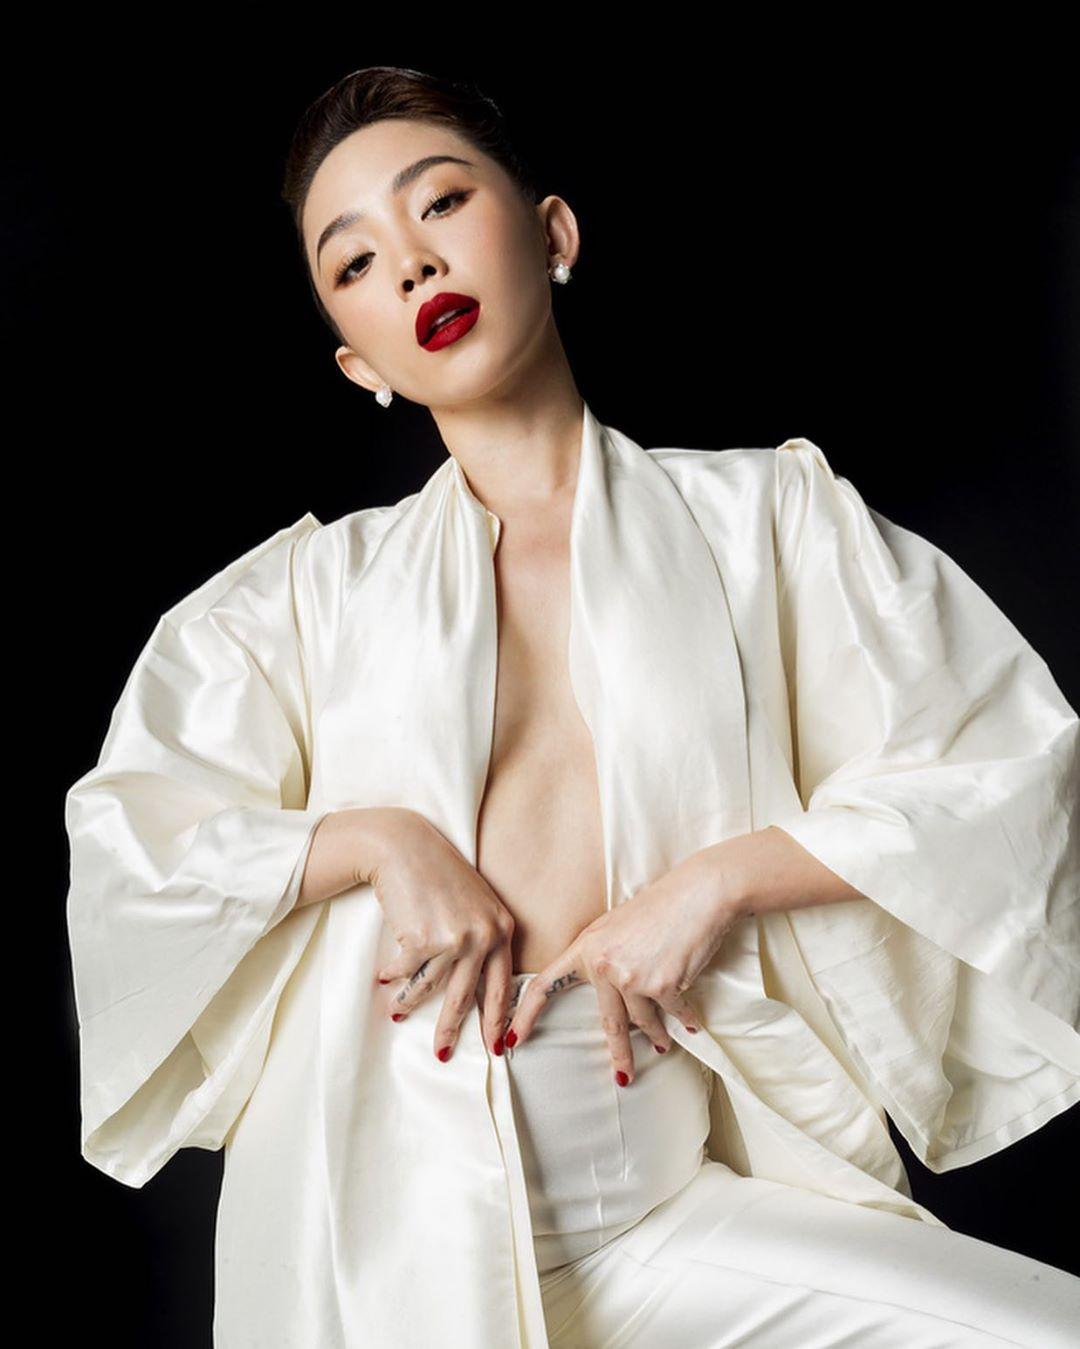 Tóc Tiên đón đầu nhiều xu hướng thời trang hiểm hóc nhất 2019 - 10